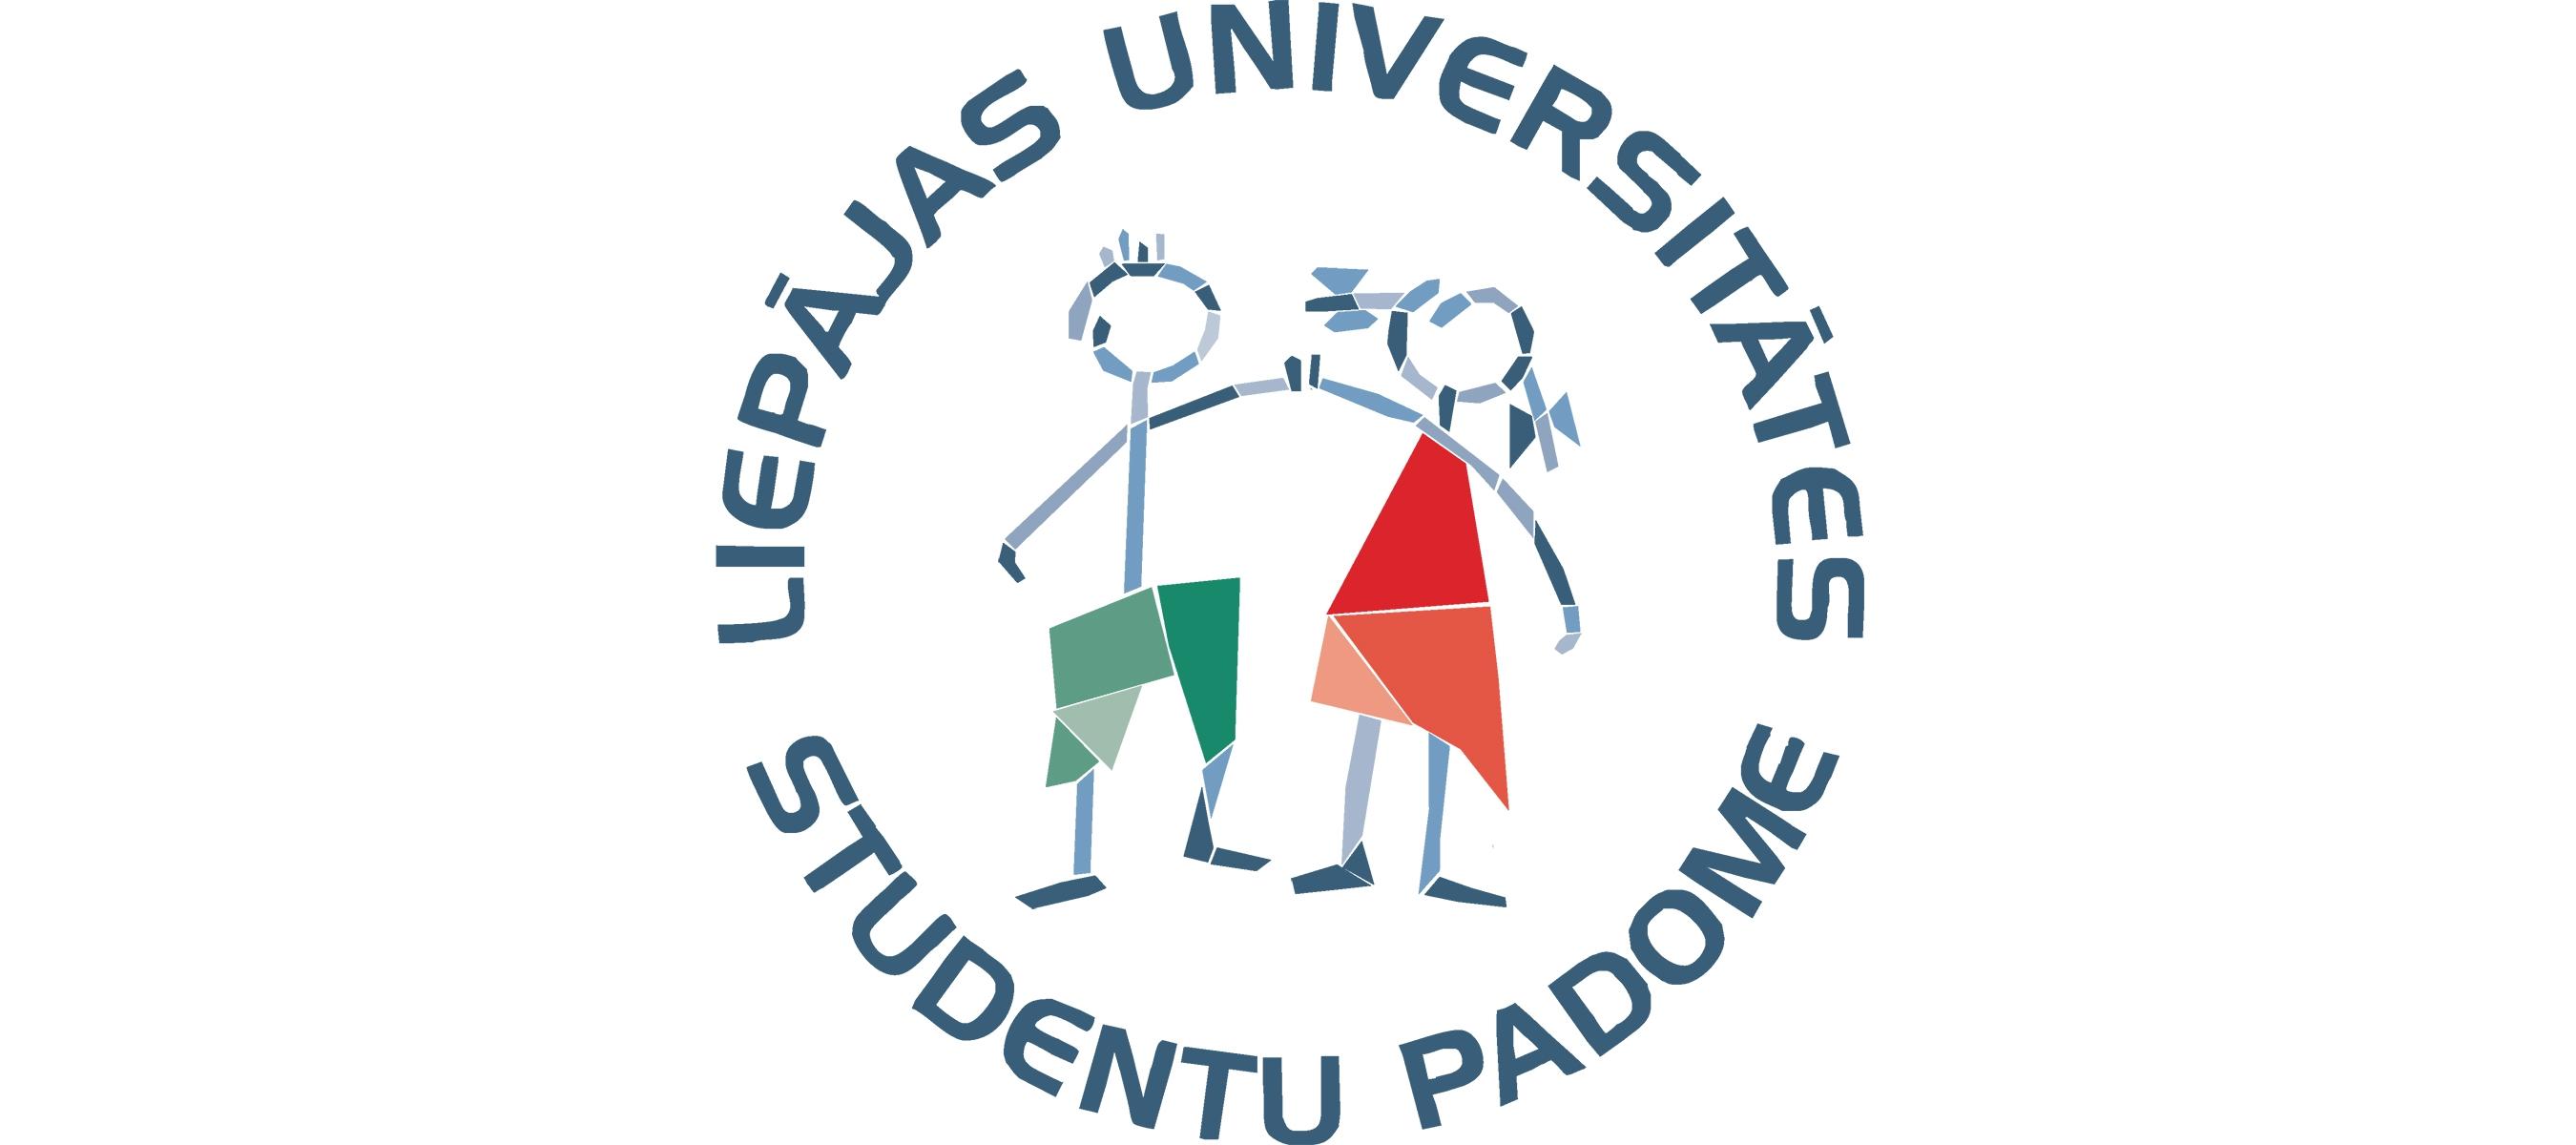 LiepU_SP logo_slider